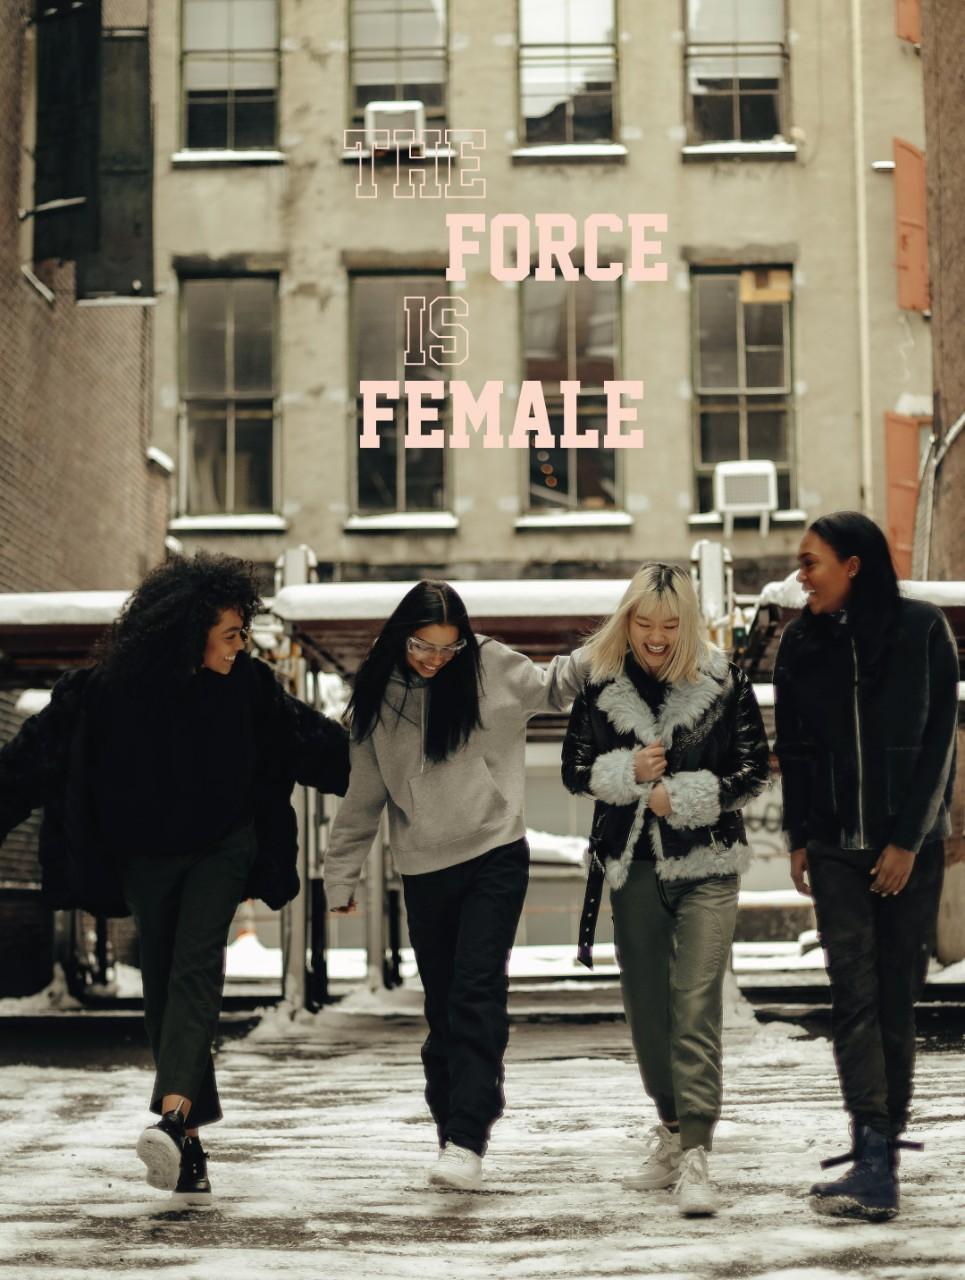 nike-force-is-female